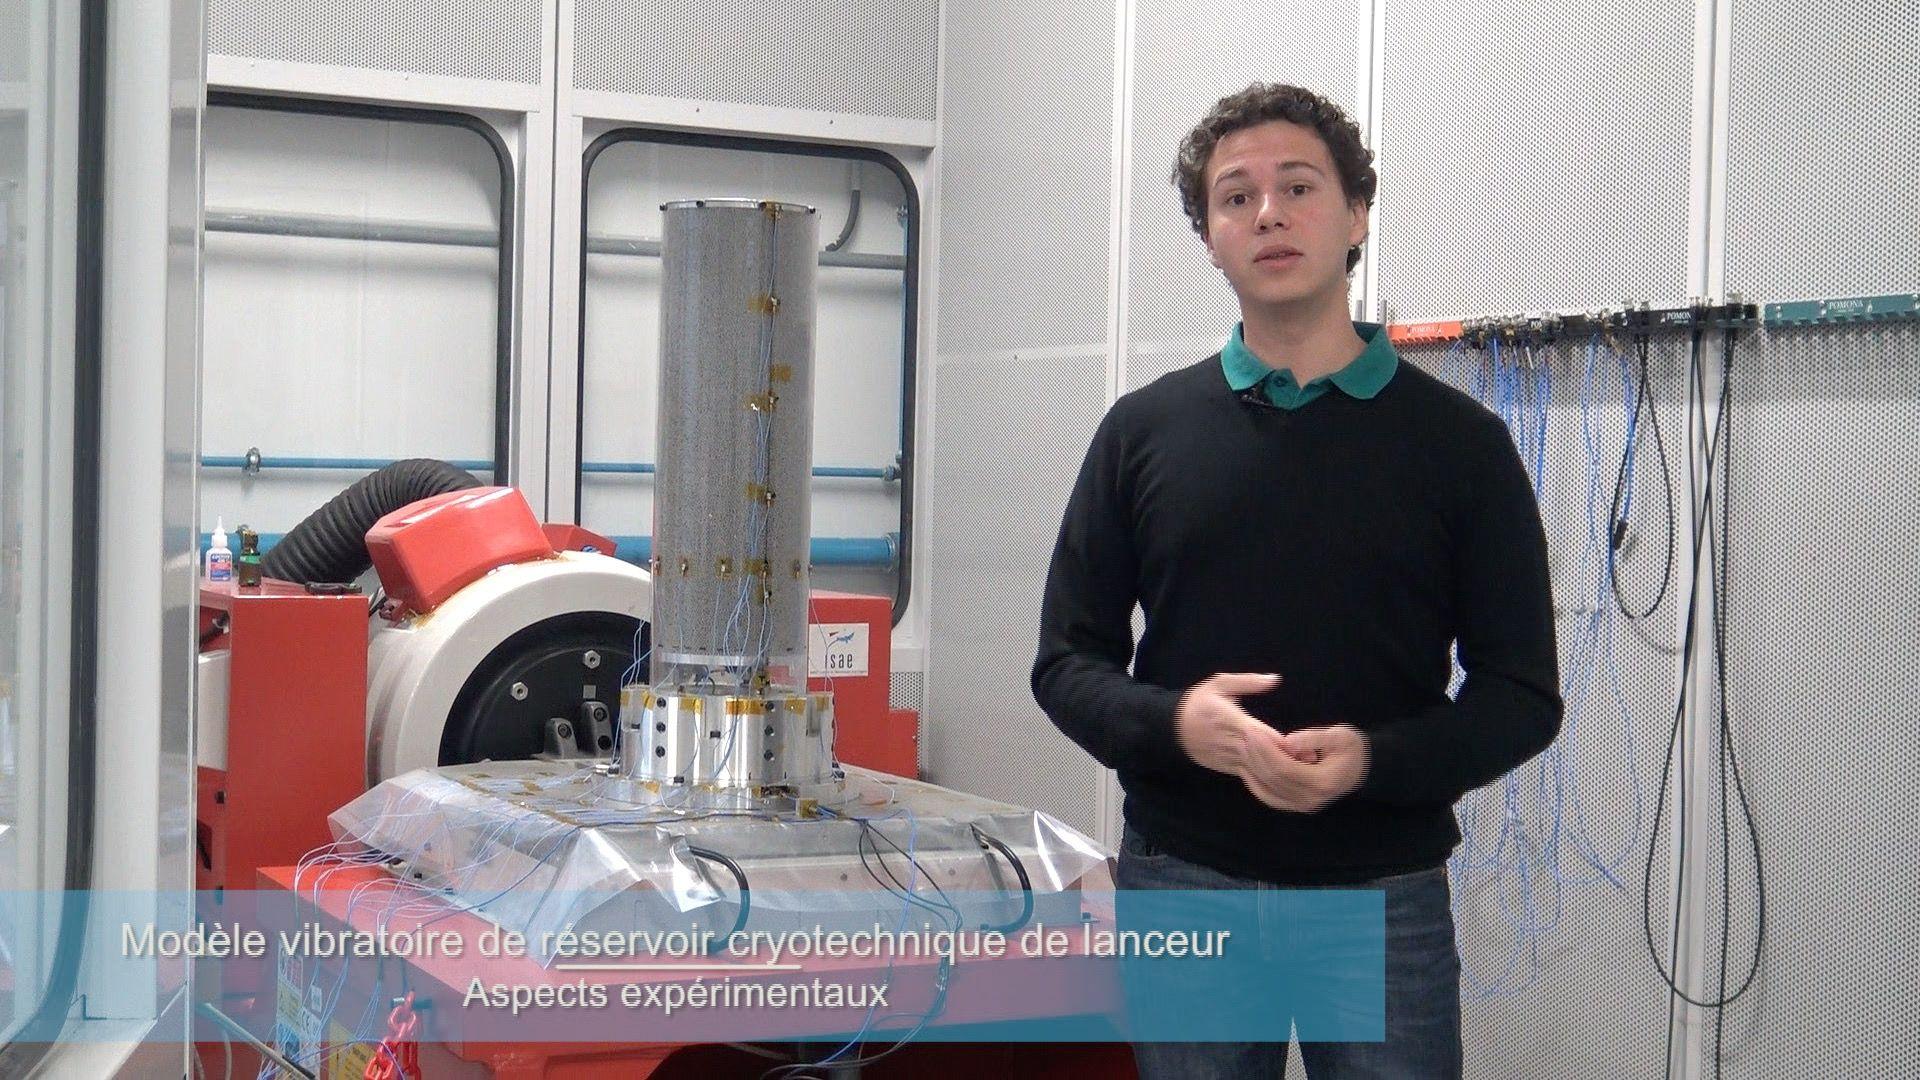 Modèle vibratoire de réservoir (ICA Montaudran)